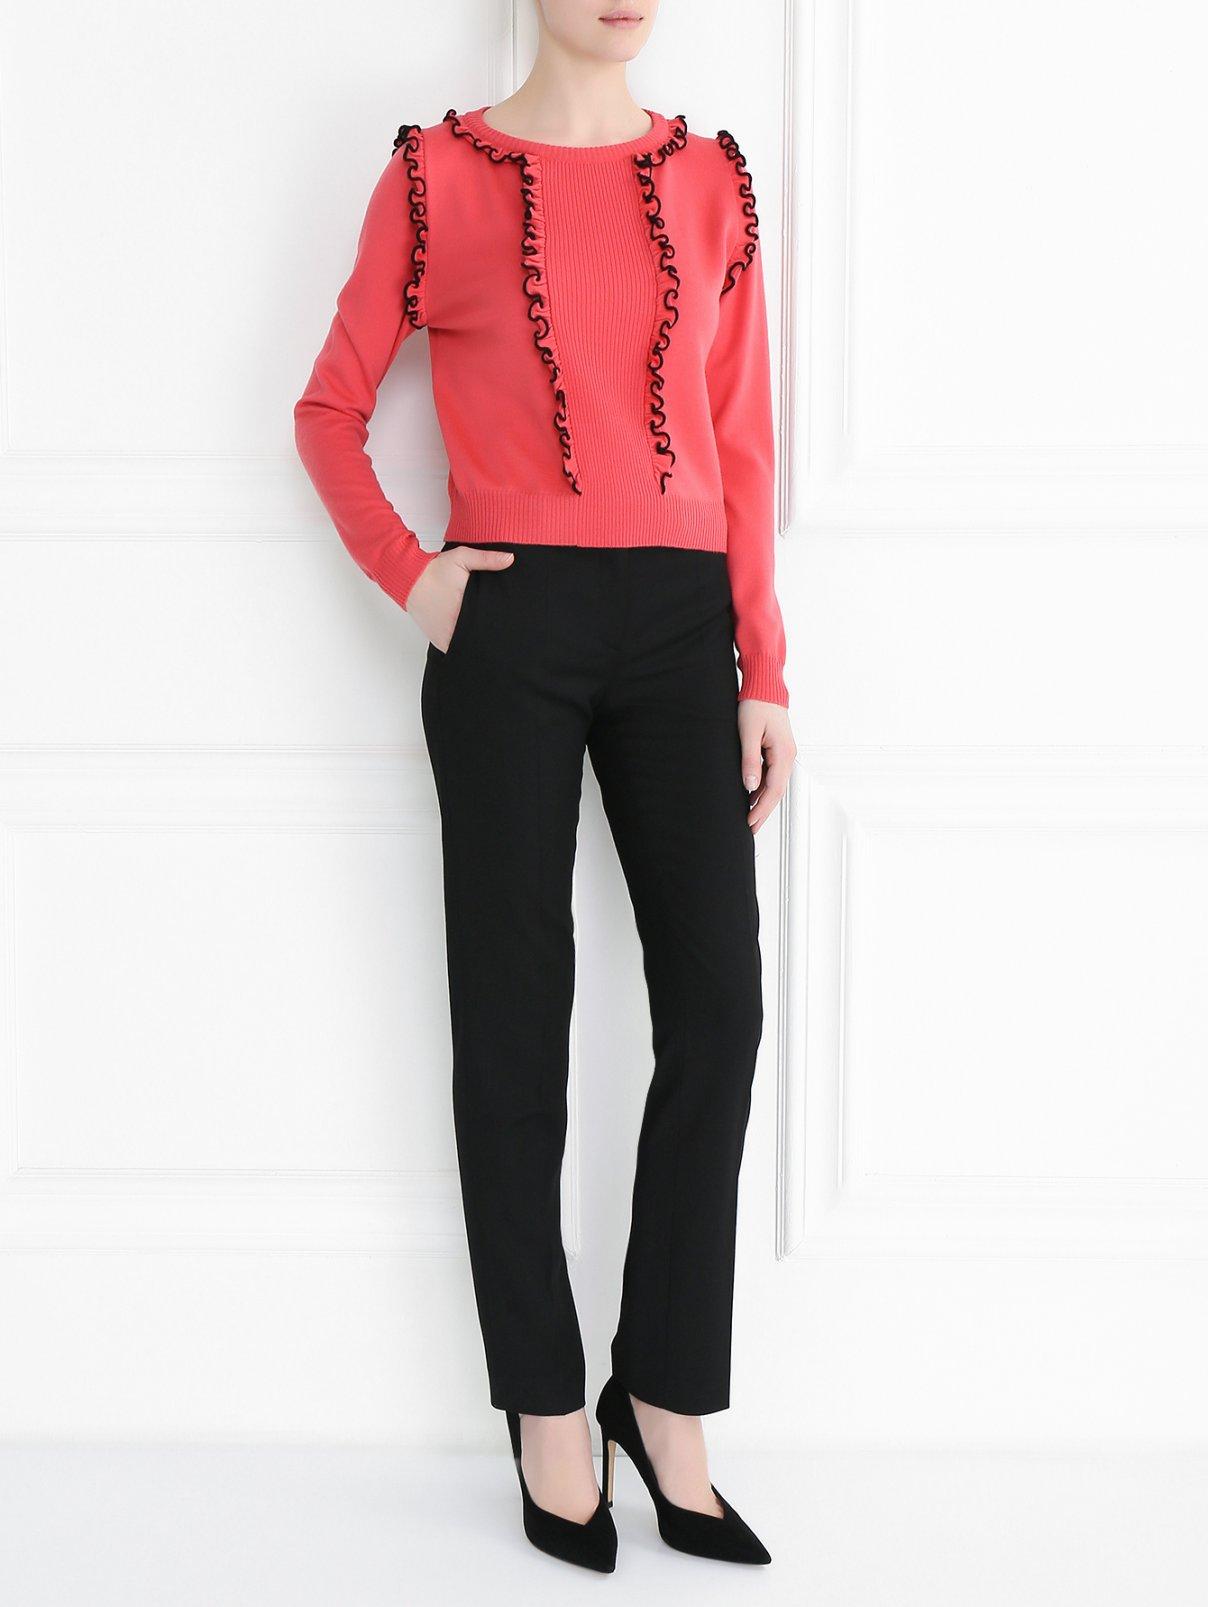 Джемпер из шерсти с декоративными рюшами Moschino Boutique  –  Модель Общий вид